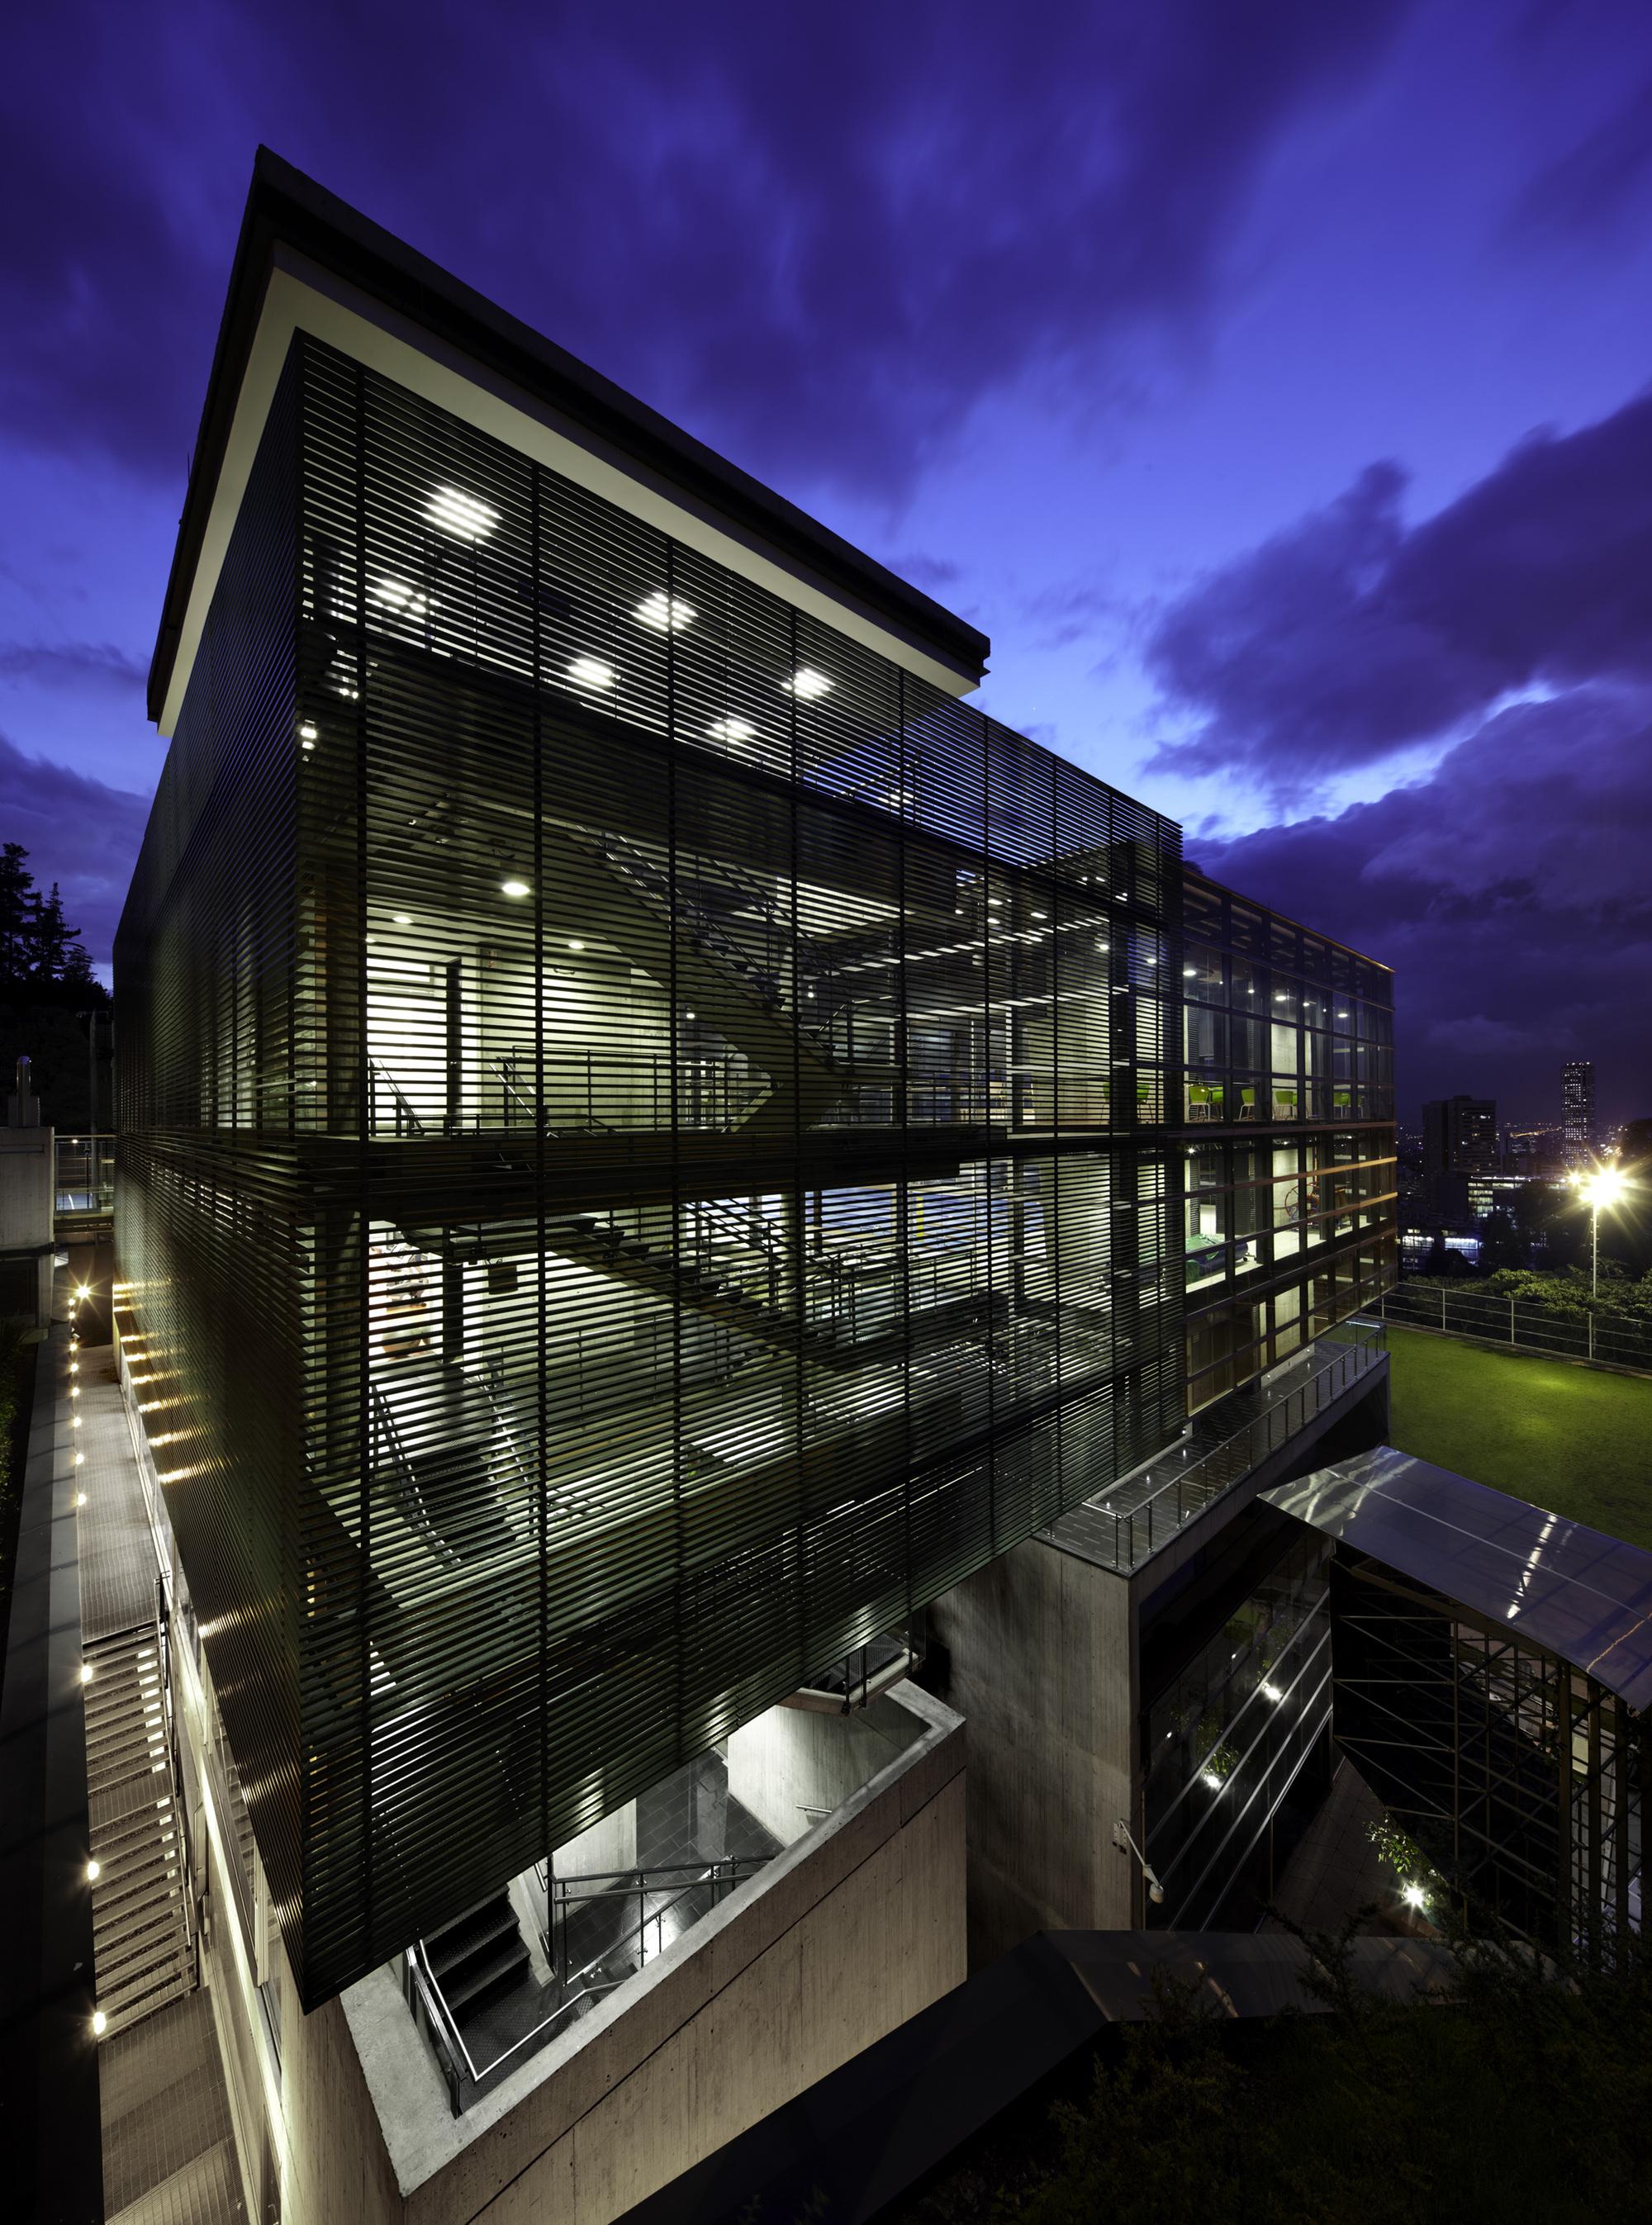 Galer a de centro deportivo universidad de los andes mgp for Arquitectura y urbanismo